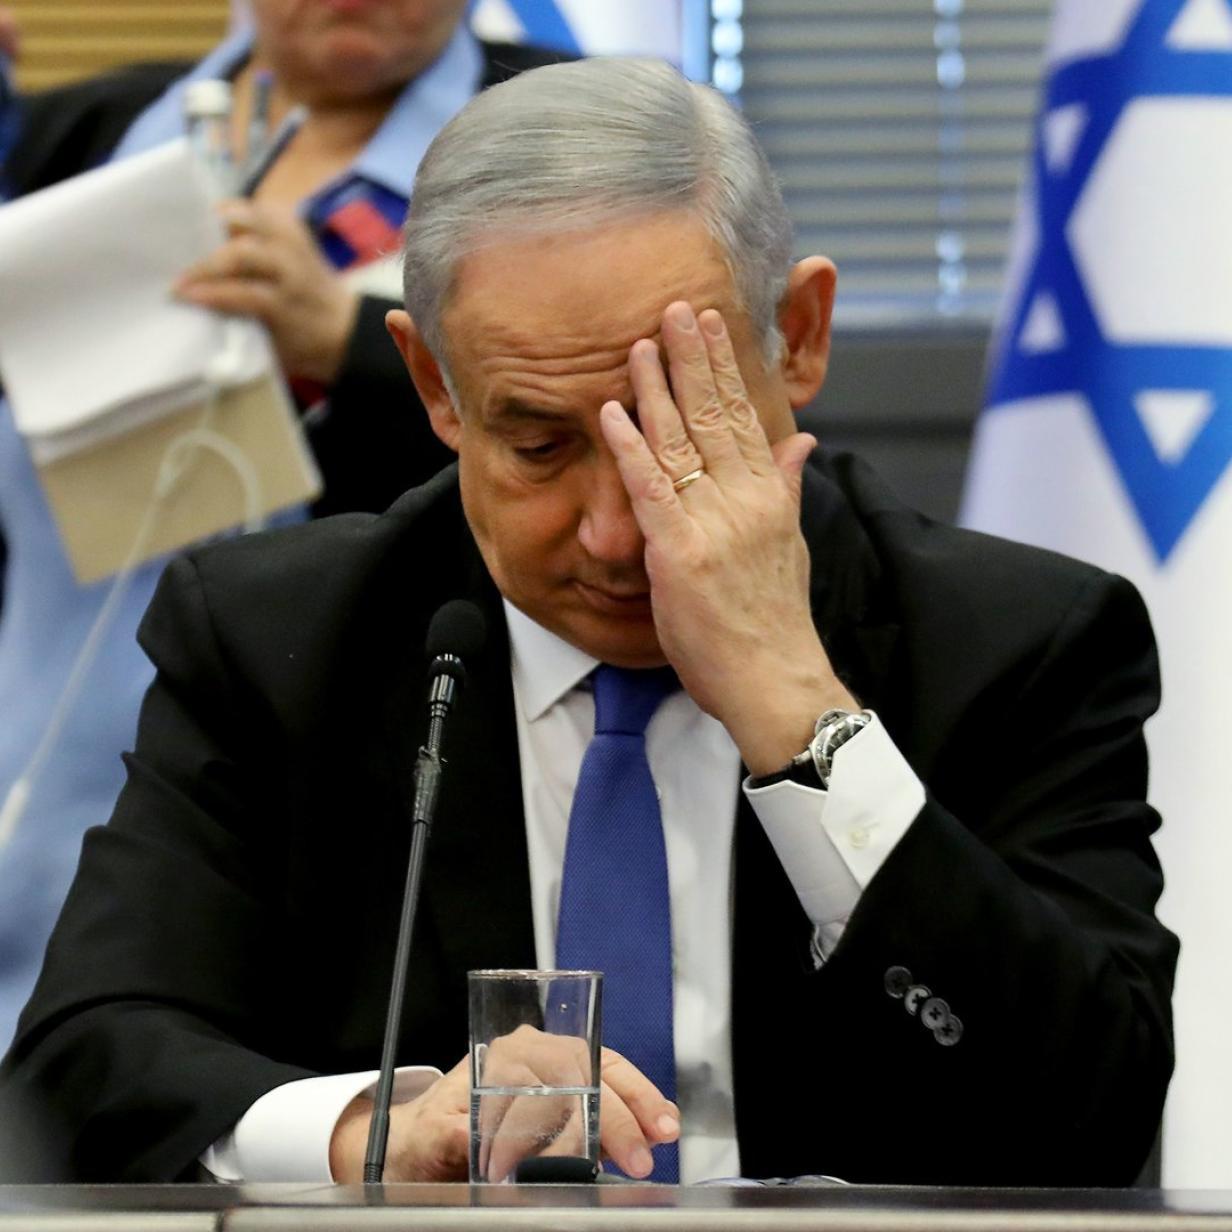 Betrug, Veruntreuung, Korruption: Netanjahu wird angeklagt